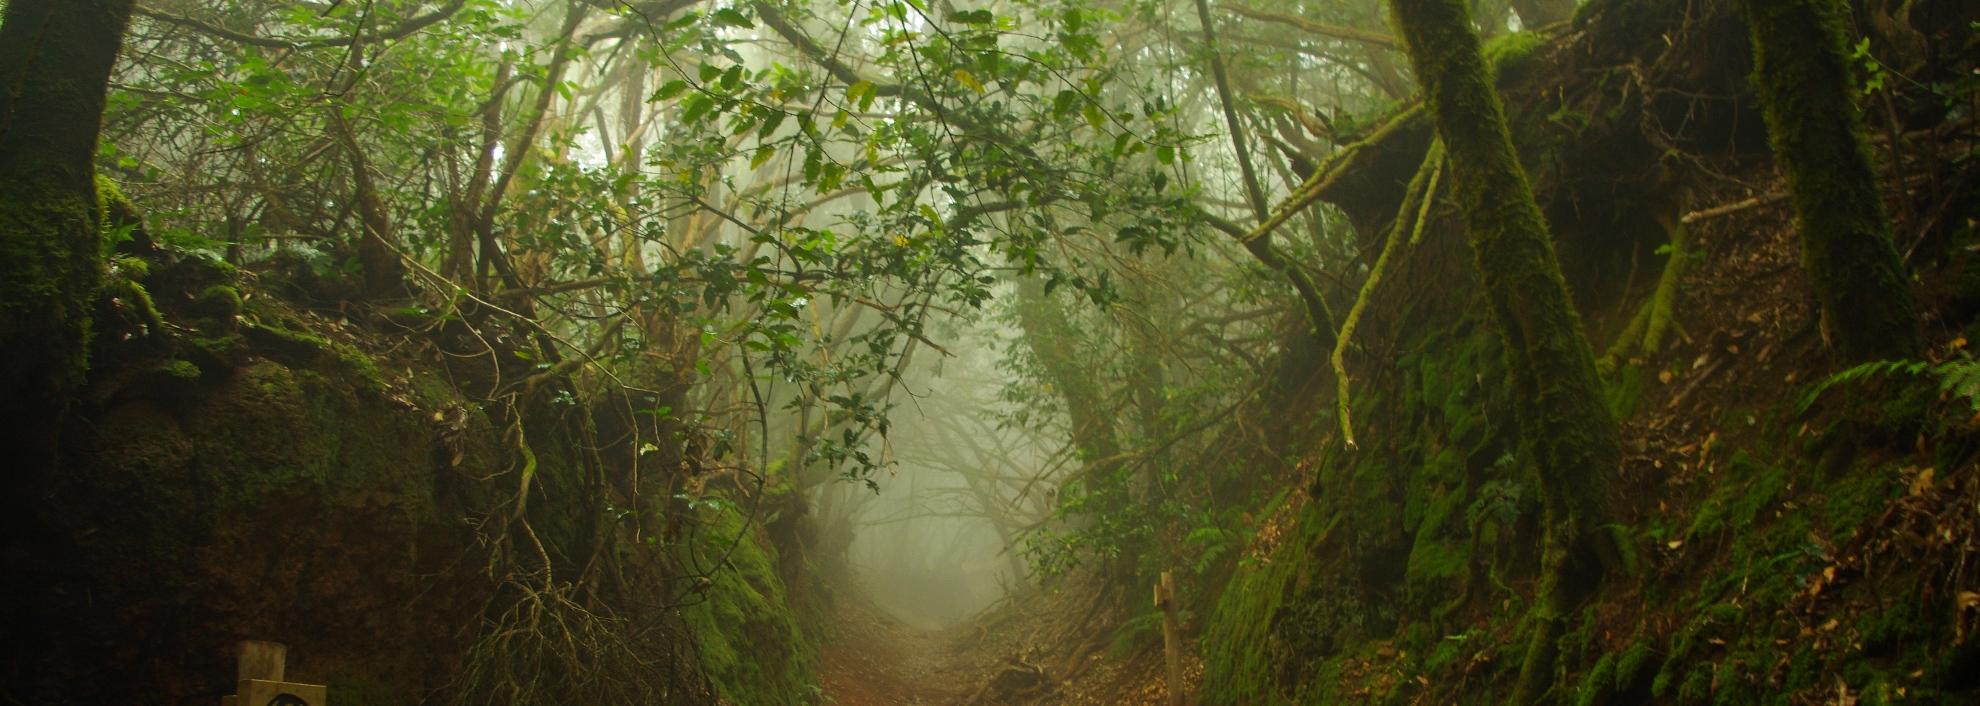 Ведьмин лес на Тенерифе